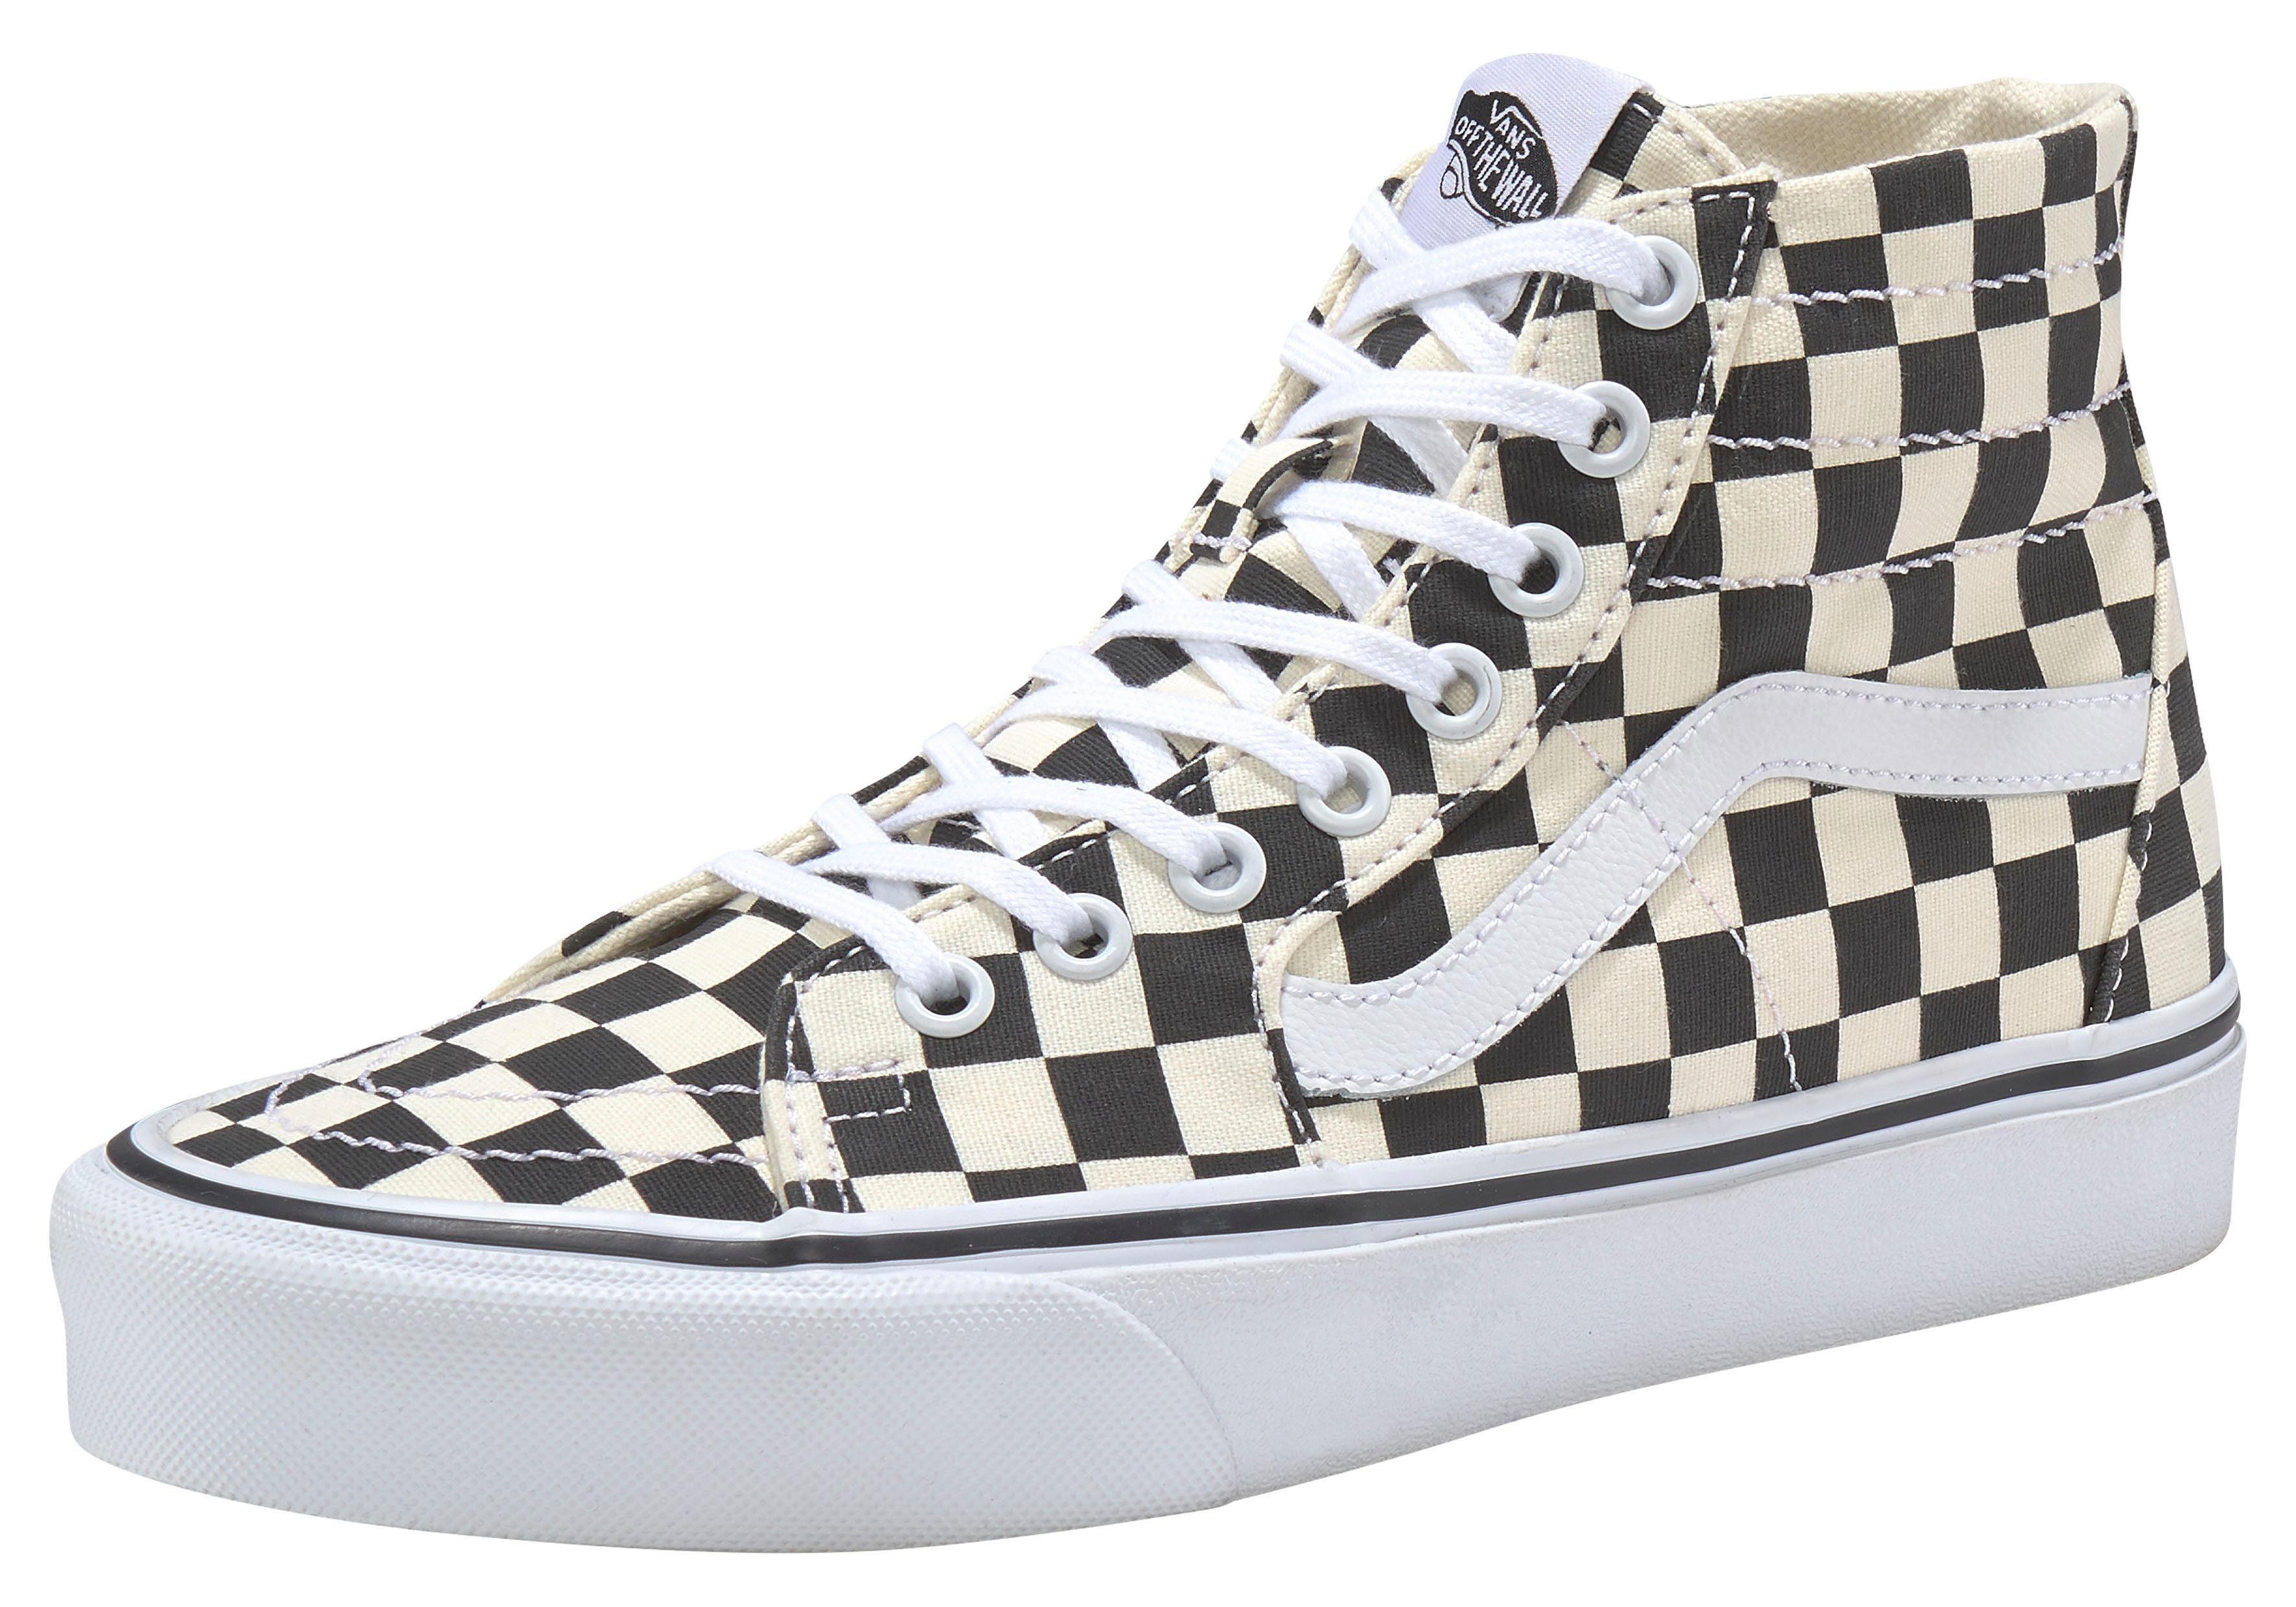 Vans »Checkerboard SK8 Hi« Sneaker, Knöchelhoher Sneaker von Vans online kaufen | OTTO